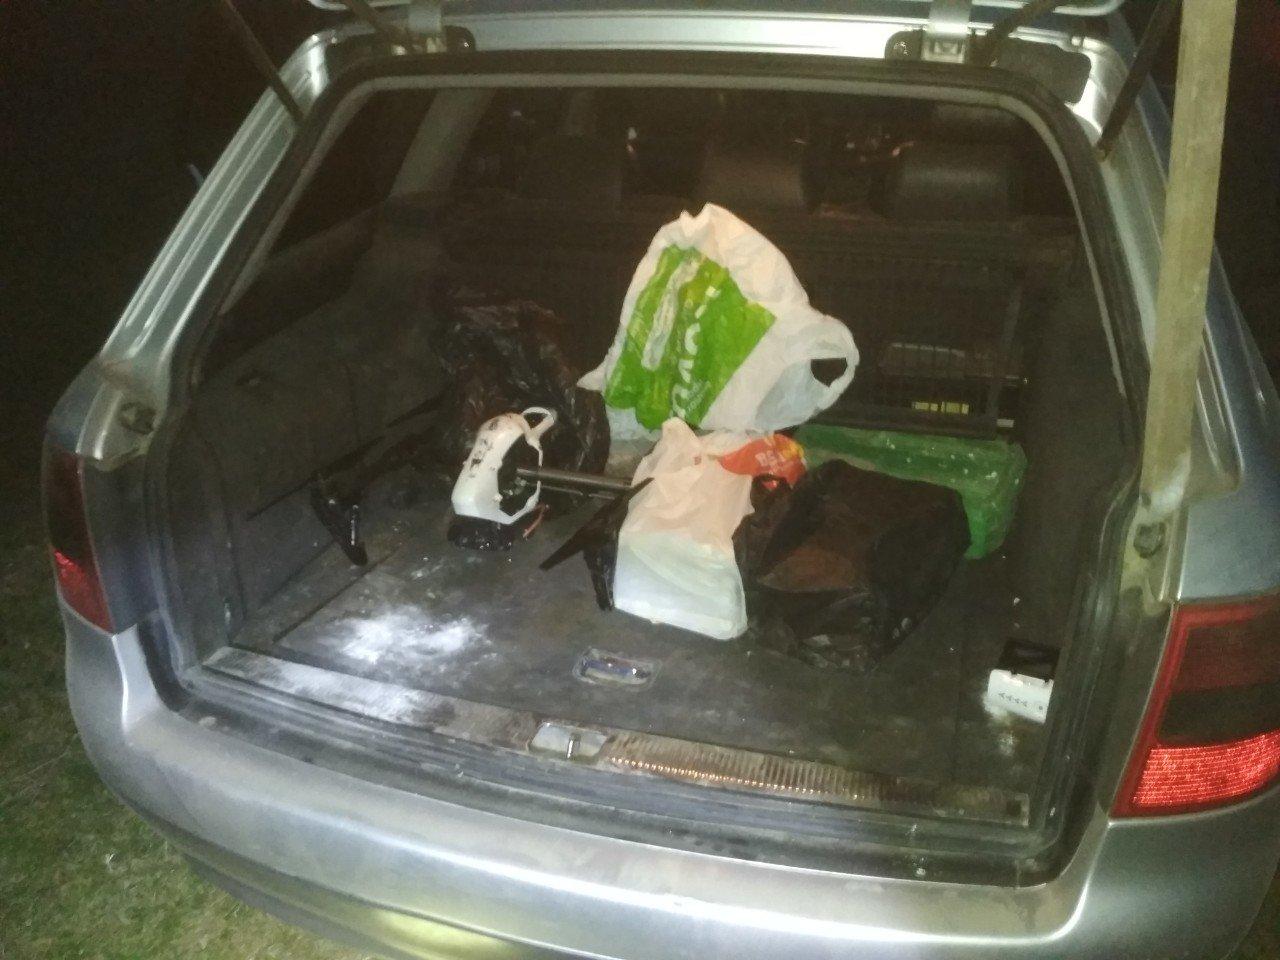 Біля Ужгороду затримали чоловіків з квадрокоптером. В авто також знайшли 14 блоків цигарок (ВІДЕО), фото-4